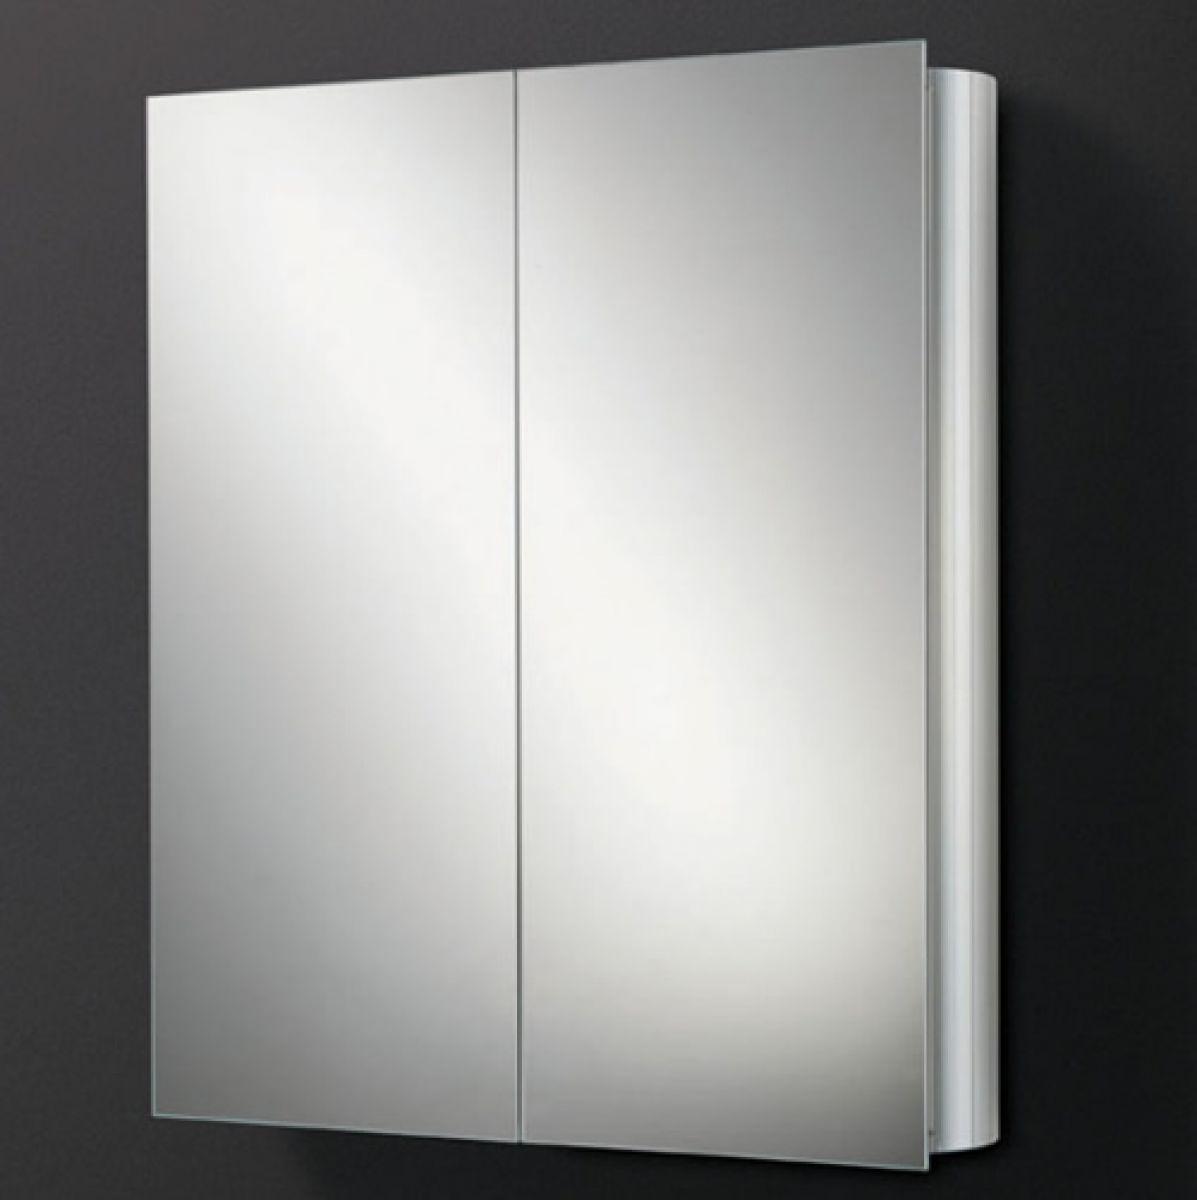 Aluminium Bathroom Cabinets Hib Quantum Aluminium Bathroom Cabinet Uk Bathrooms